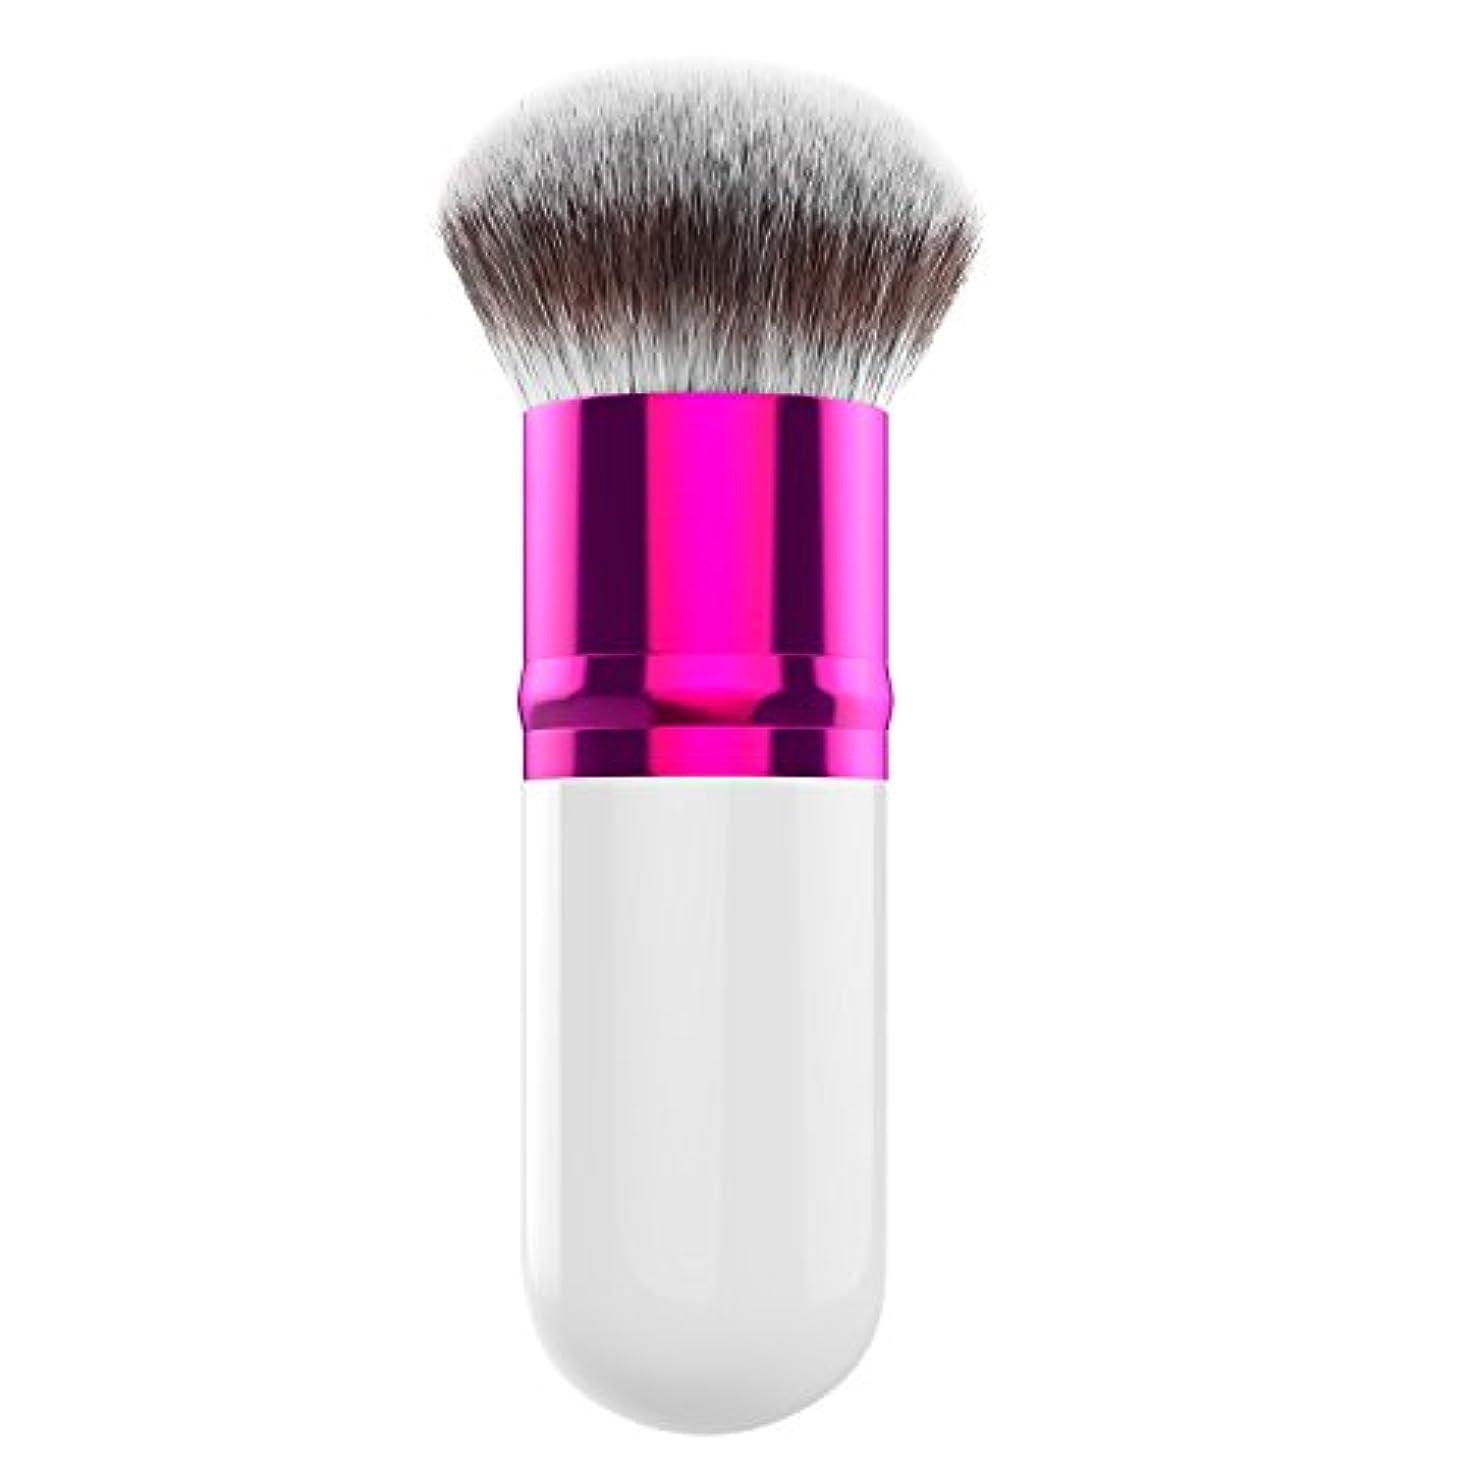 昼寝彼女は公爵ファンデーションブラシ - Luxspire メイクブラシ 化粧筆 コスメブラシ 繊細な人工毛 毛質やわらかい 肌に優しい - Magenta